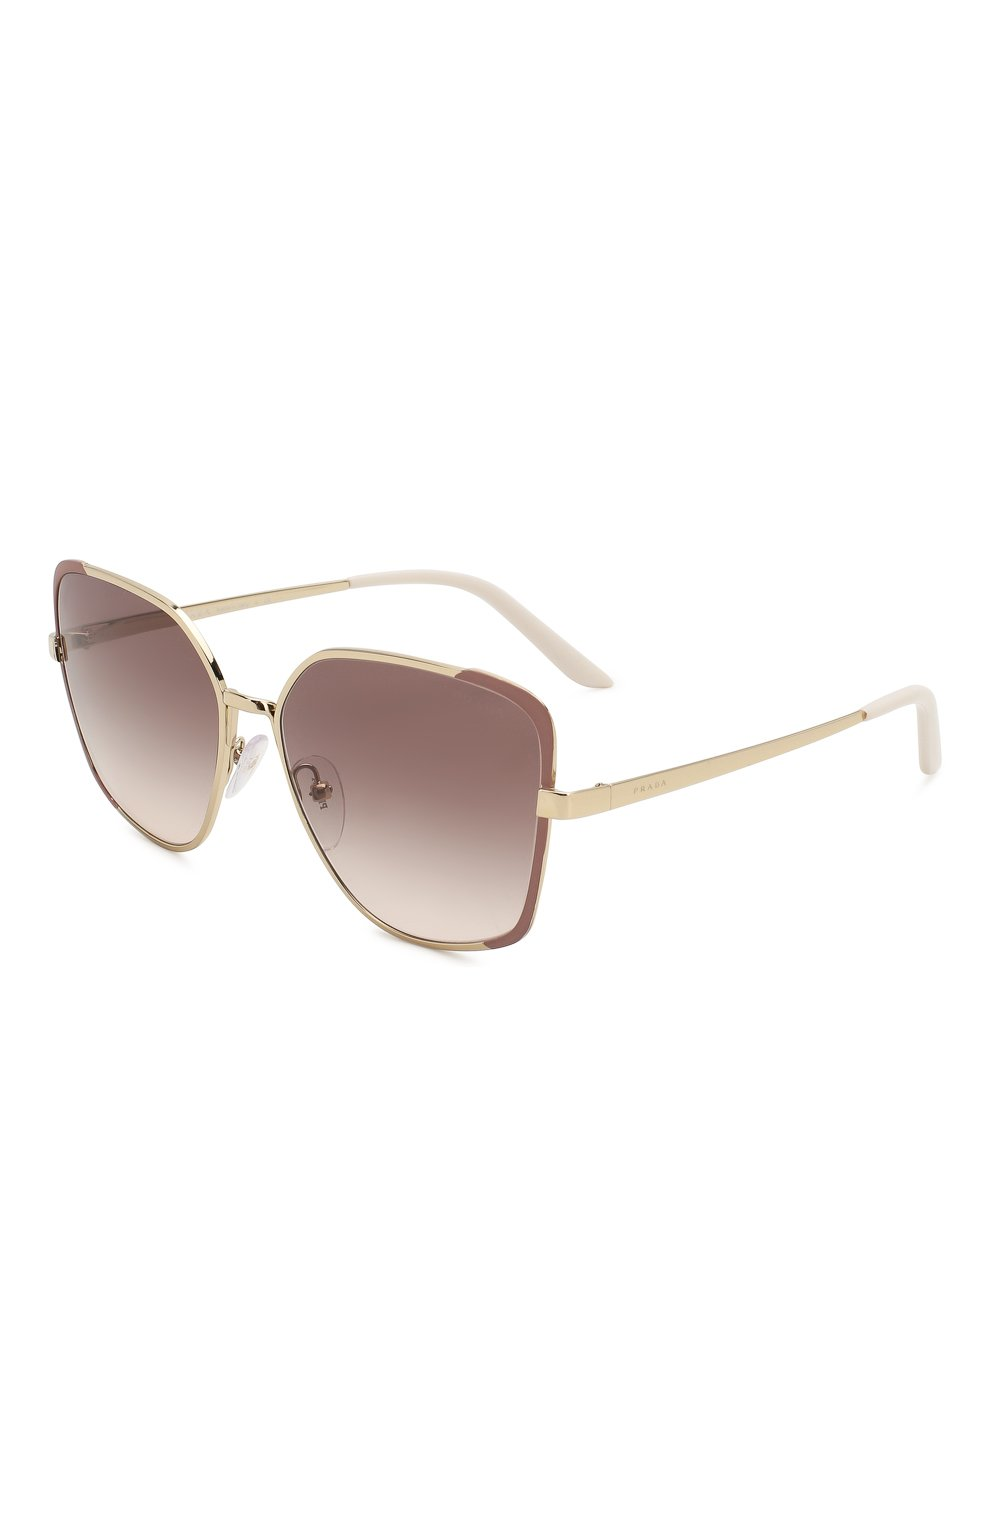 Женские солнцезащитные очки PRADA коричневого цвета, арт. 60XS-07B4K0   Фото 1